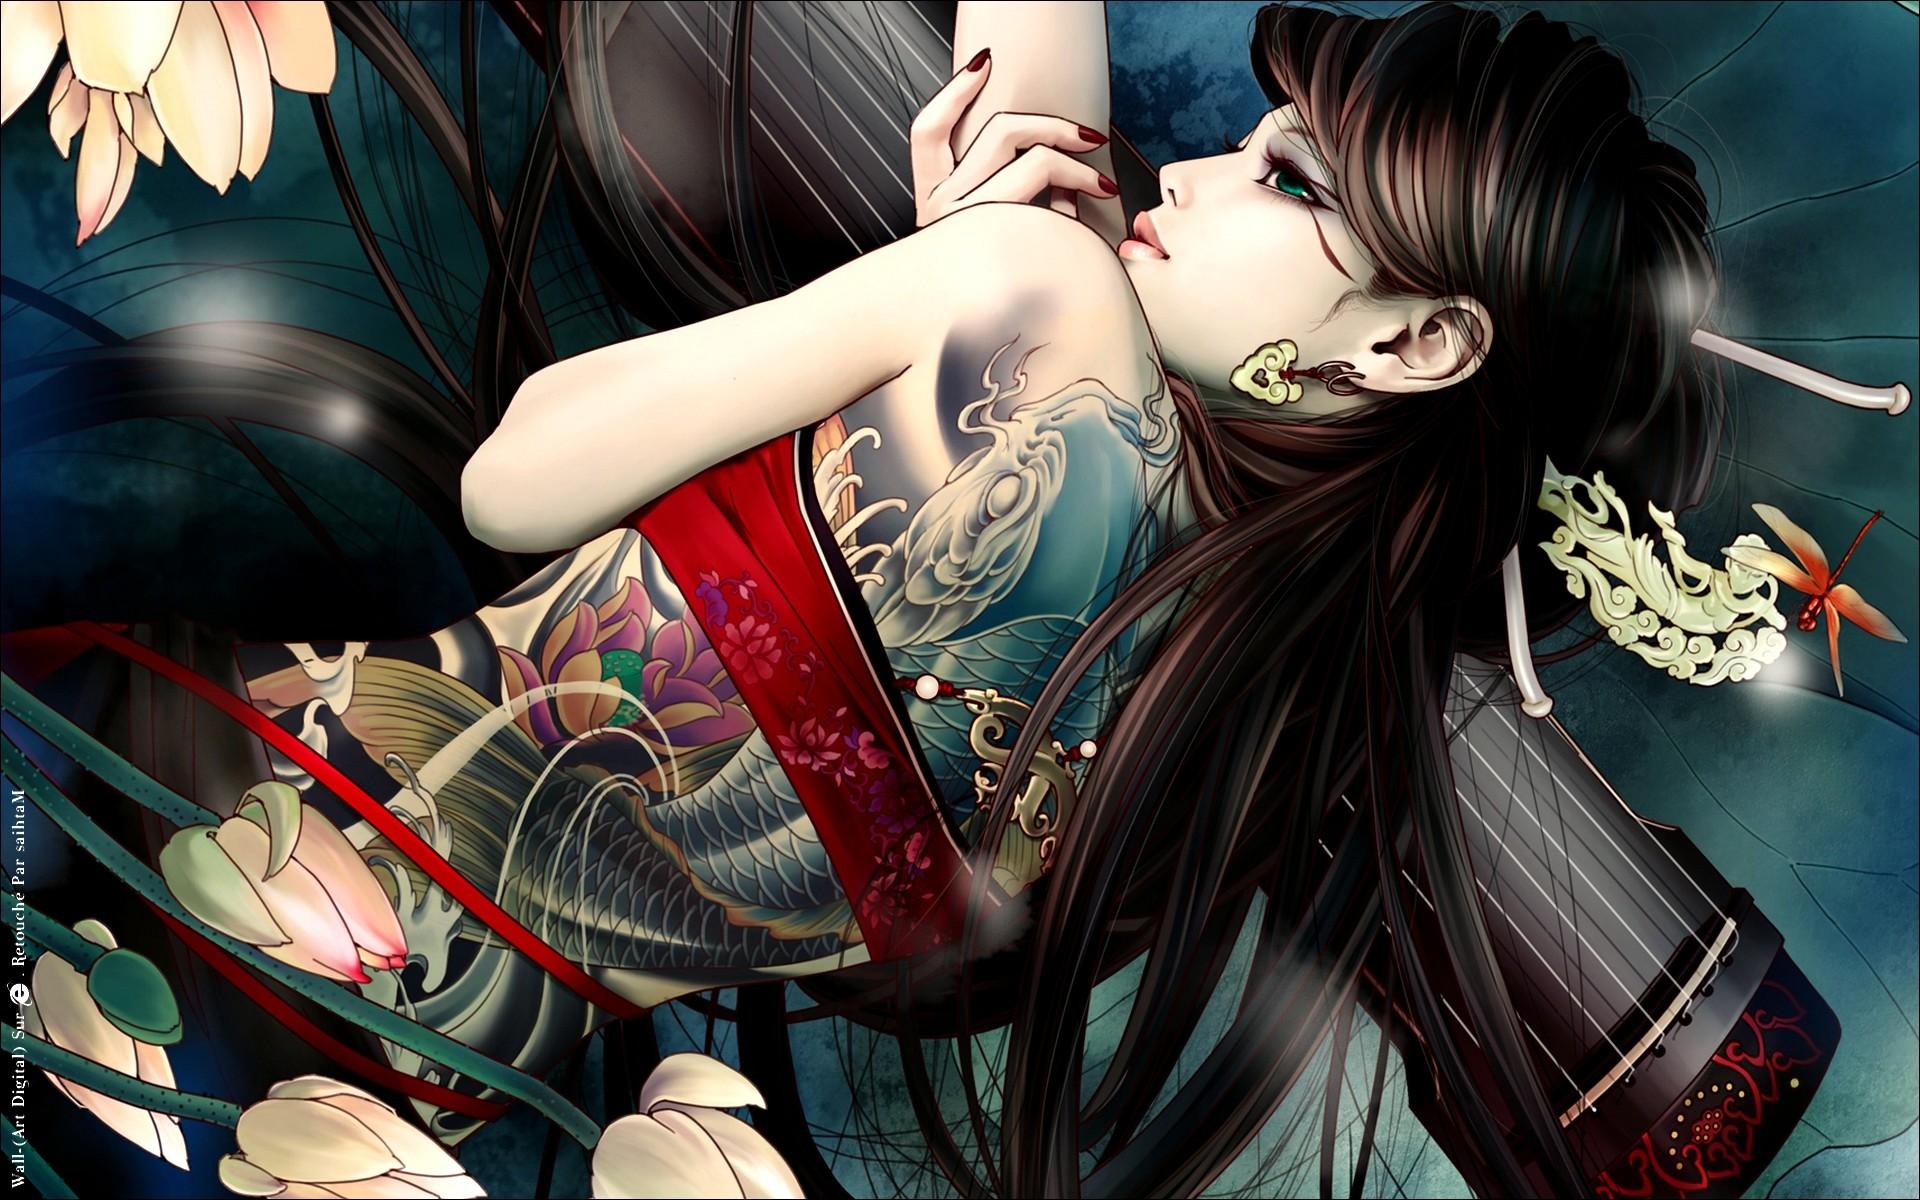 Beautiful Cool Girl Back Tattoo Anime Hd Wallpaper - Yakuza Girl Anime - HD Wallpaper